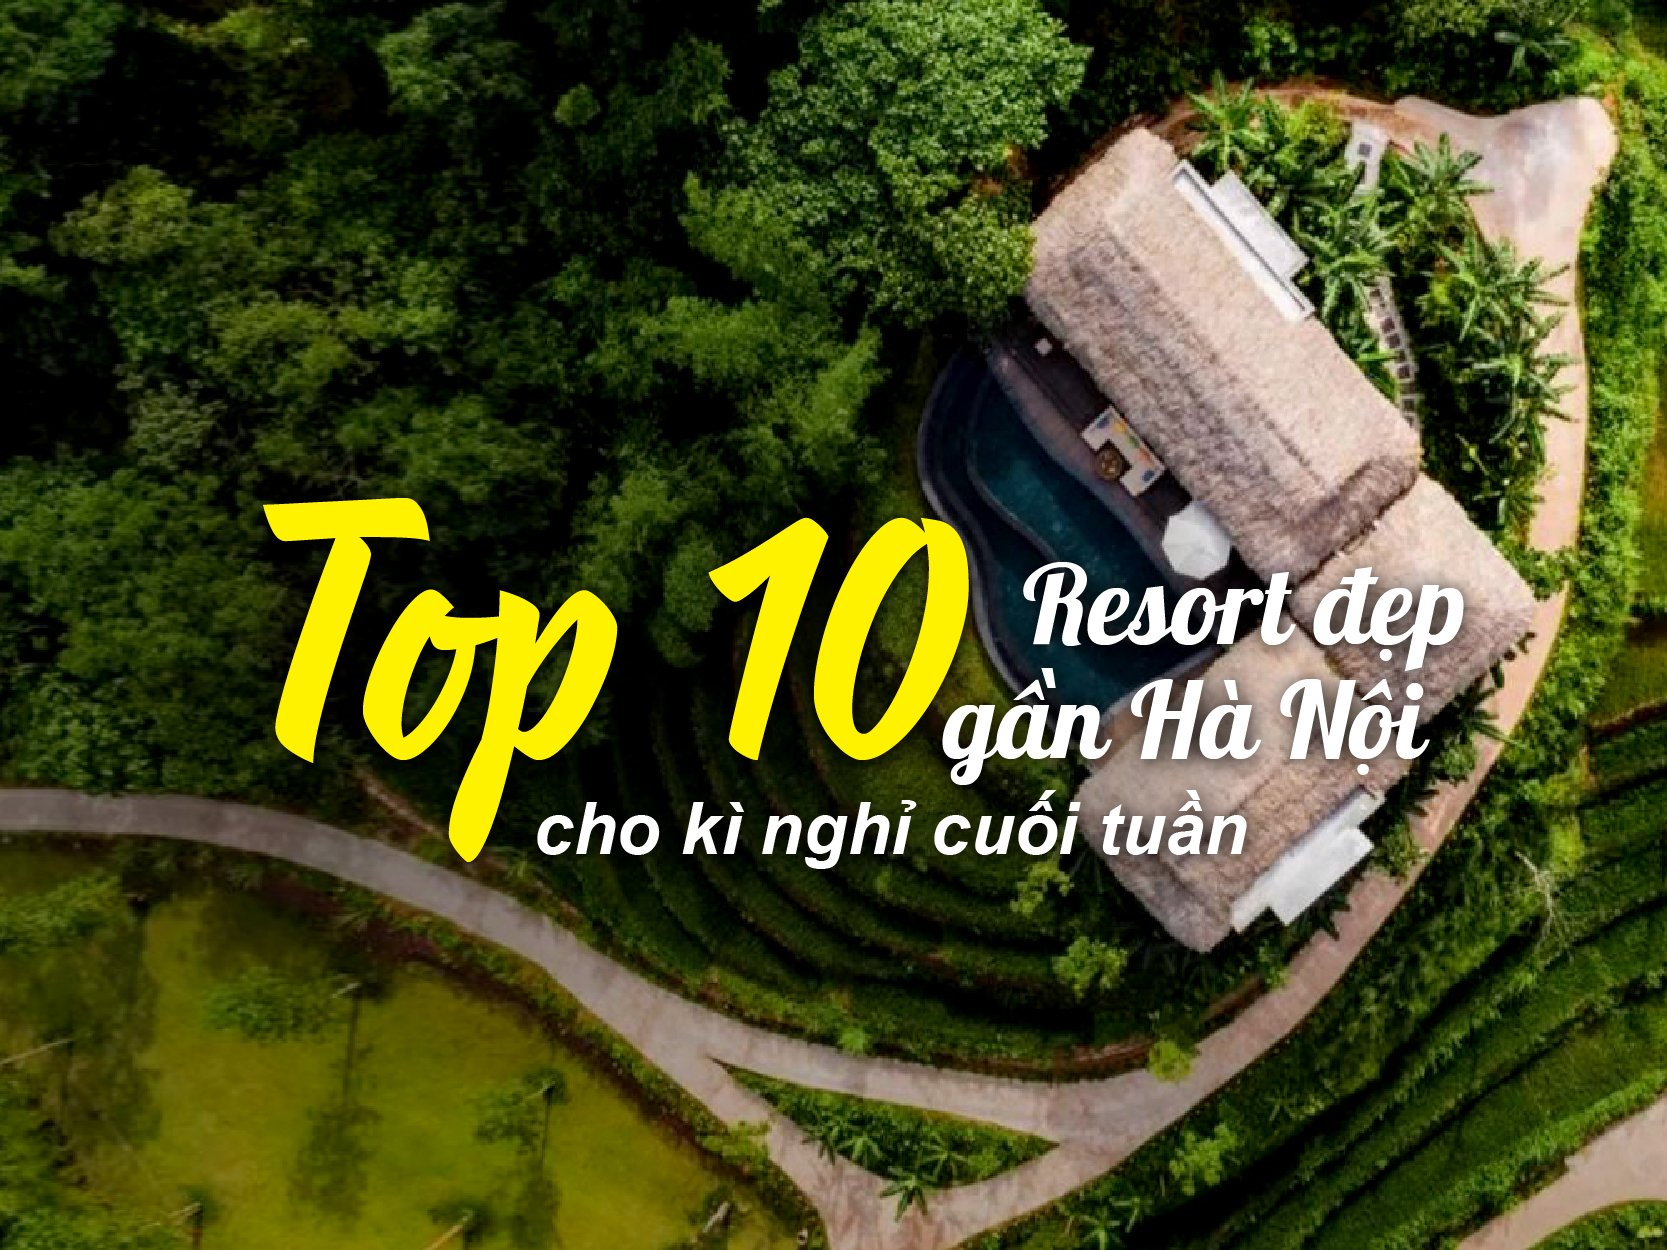 Top 10 resort đep gần Hà Nội cho kì nghỉ cuối tuần và giá cập nhật năm 2021